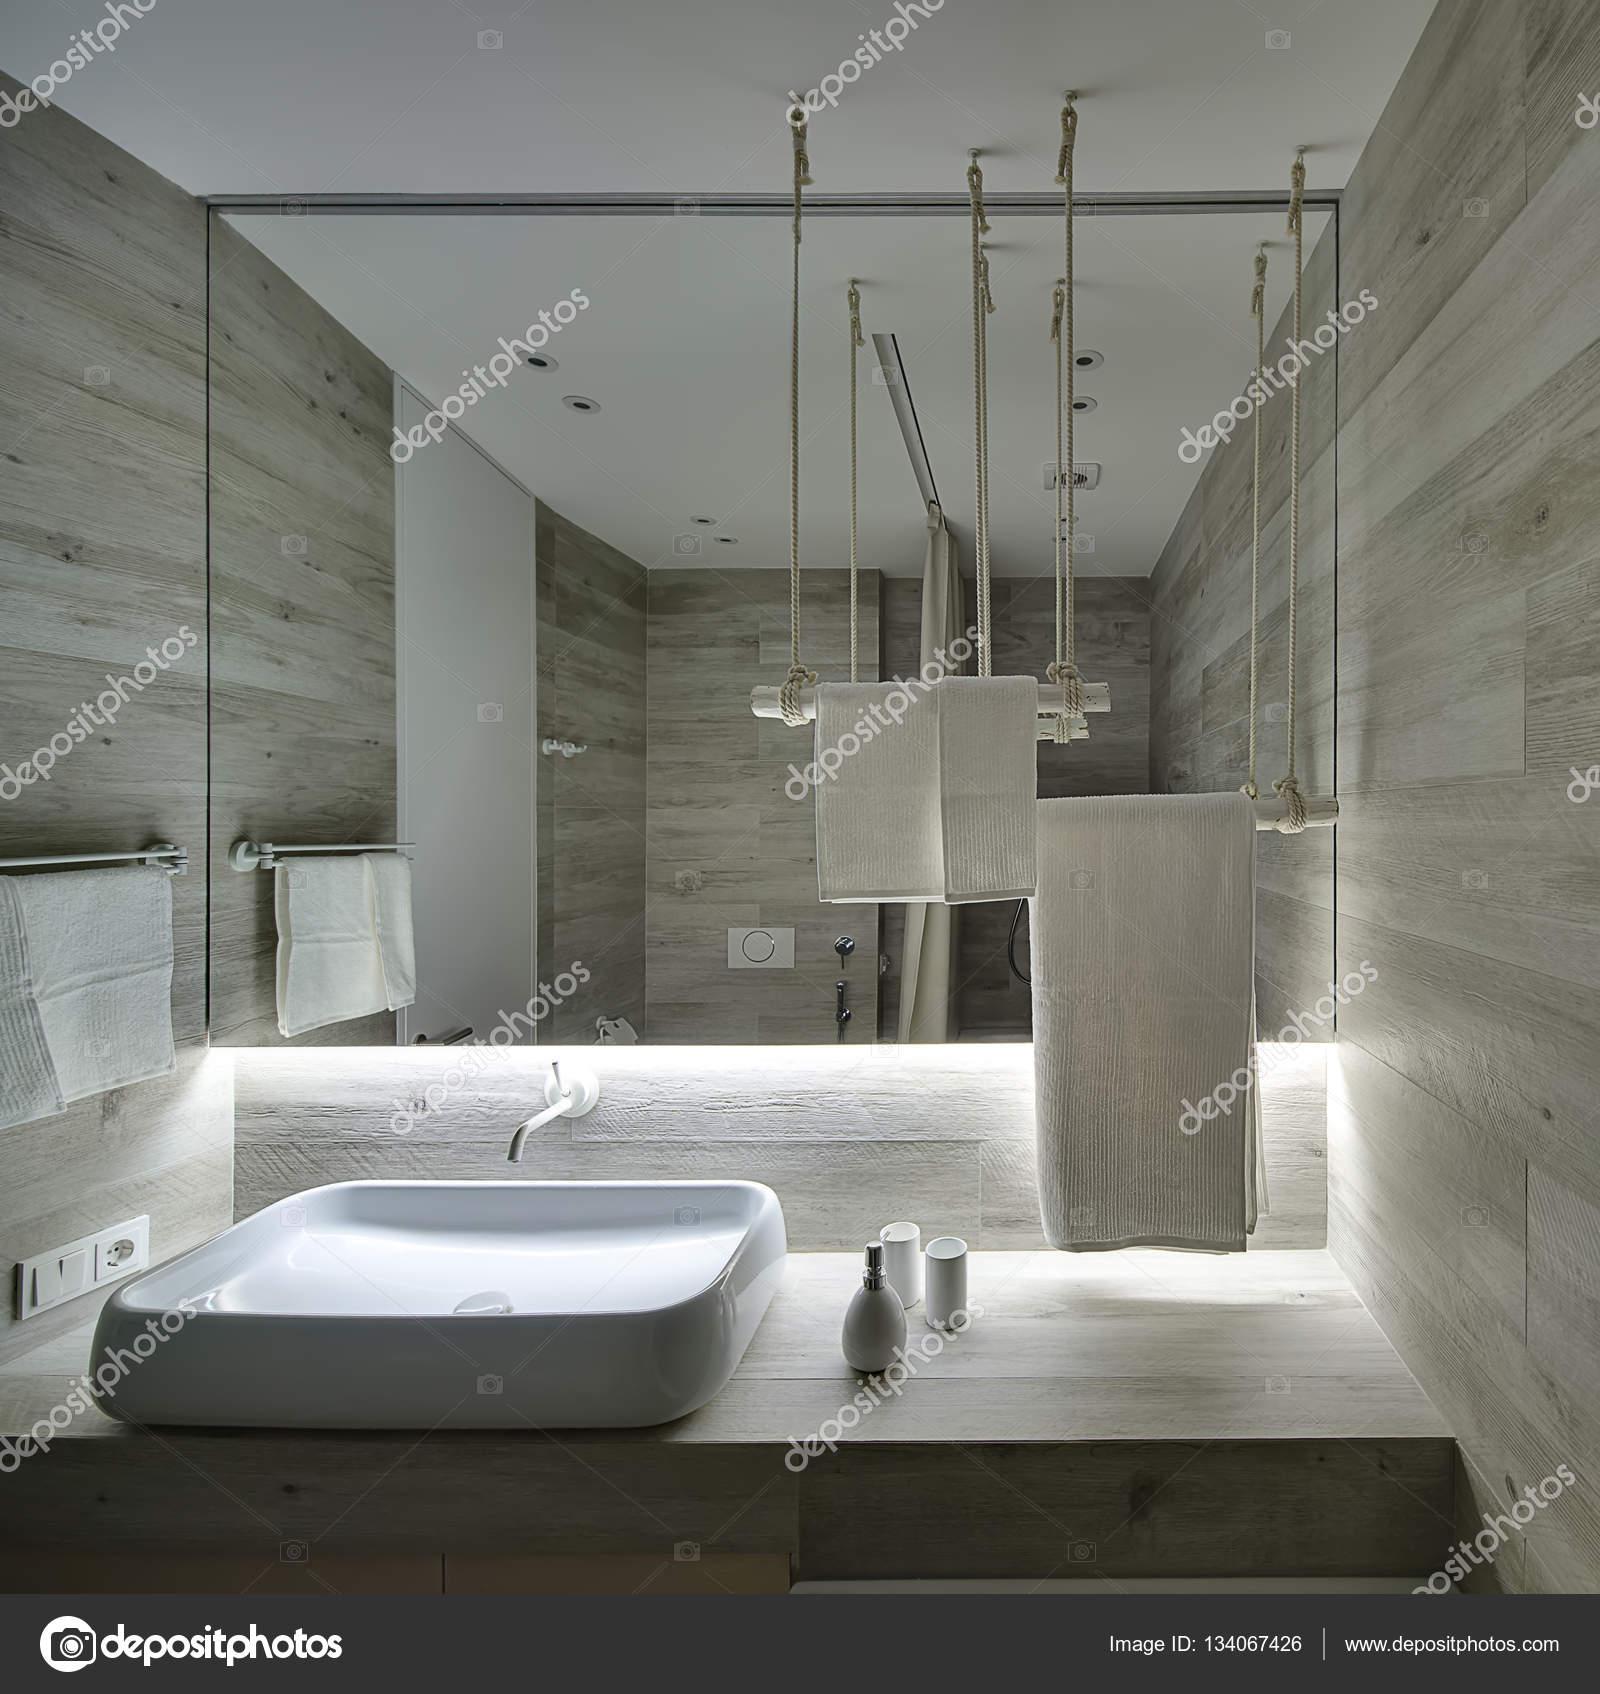 Badezimmer im modernen Stil — Stockfoto © bezikus #134067426